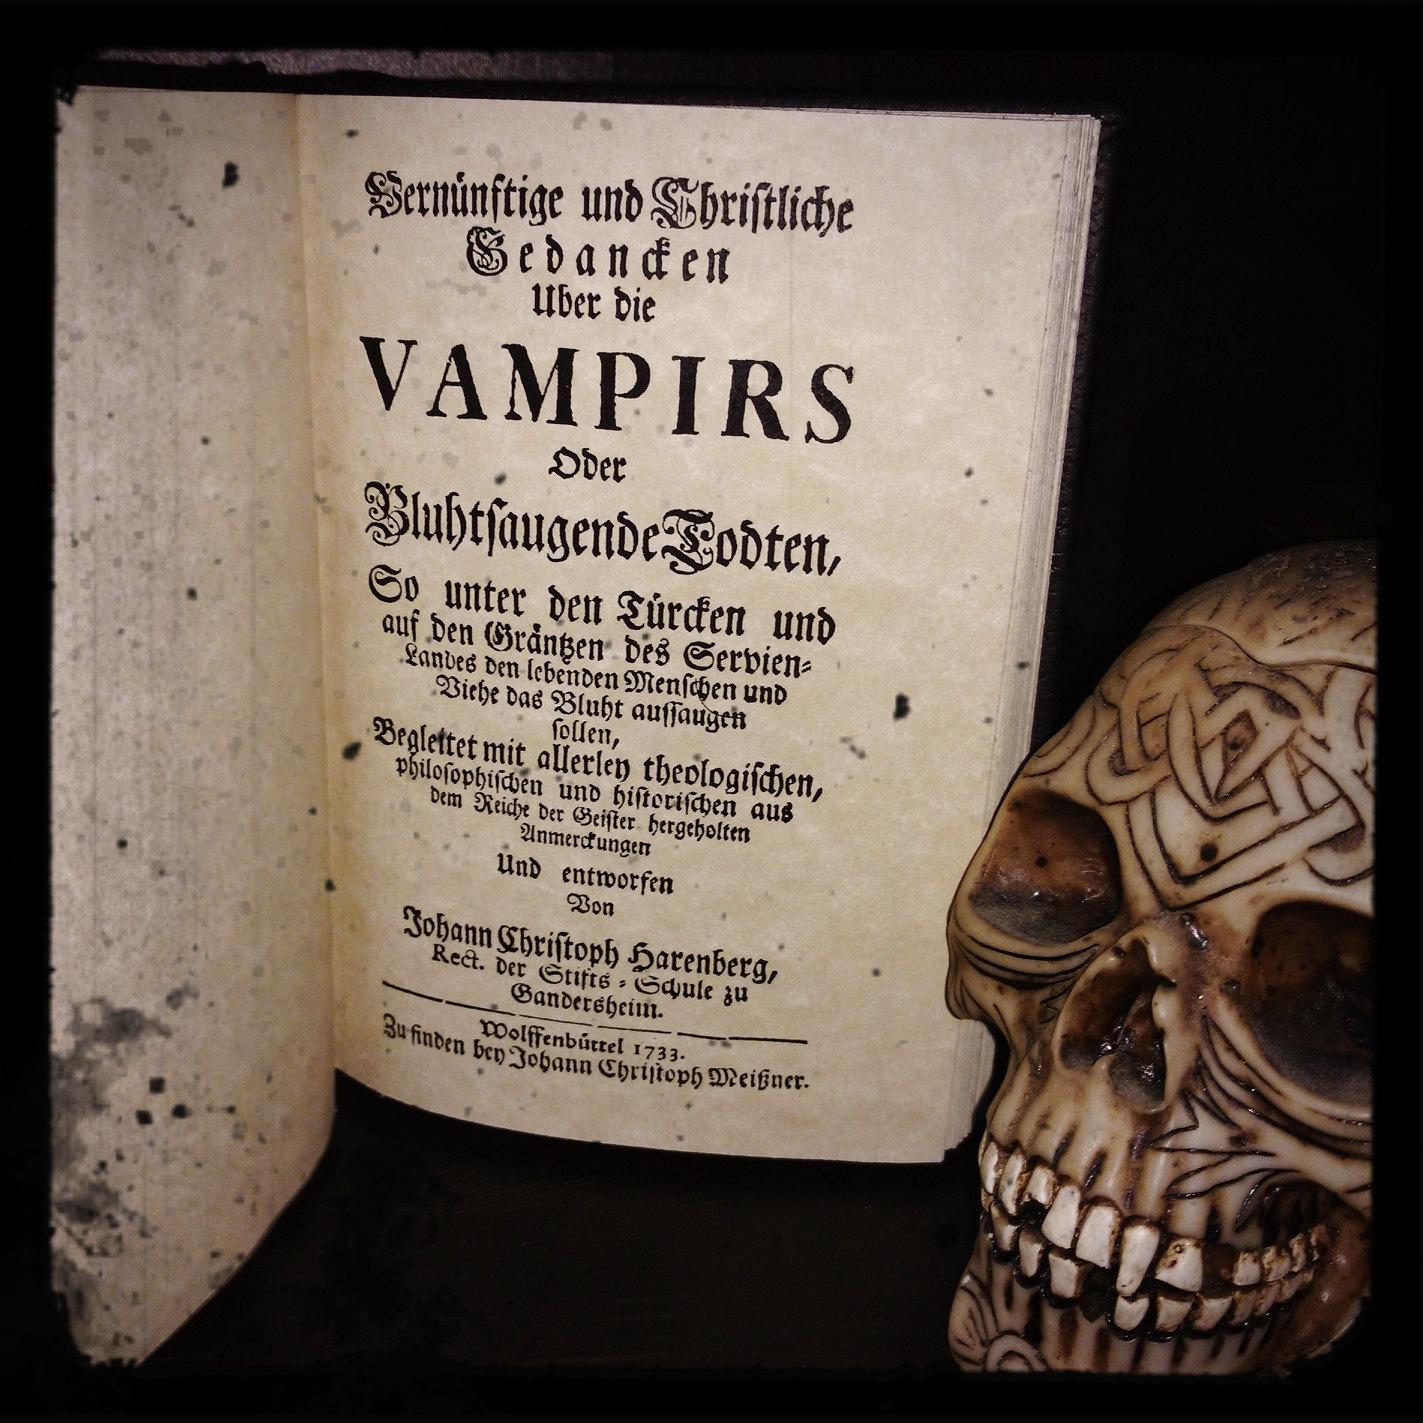 VAMPIRS - Johann Christoph Harenberg, 1733 - REPLICA - Vernünftige und Christliche Gedancken über die Vampirs oder blutsaugende Todten